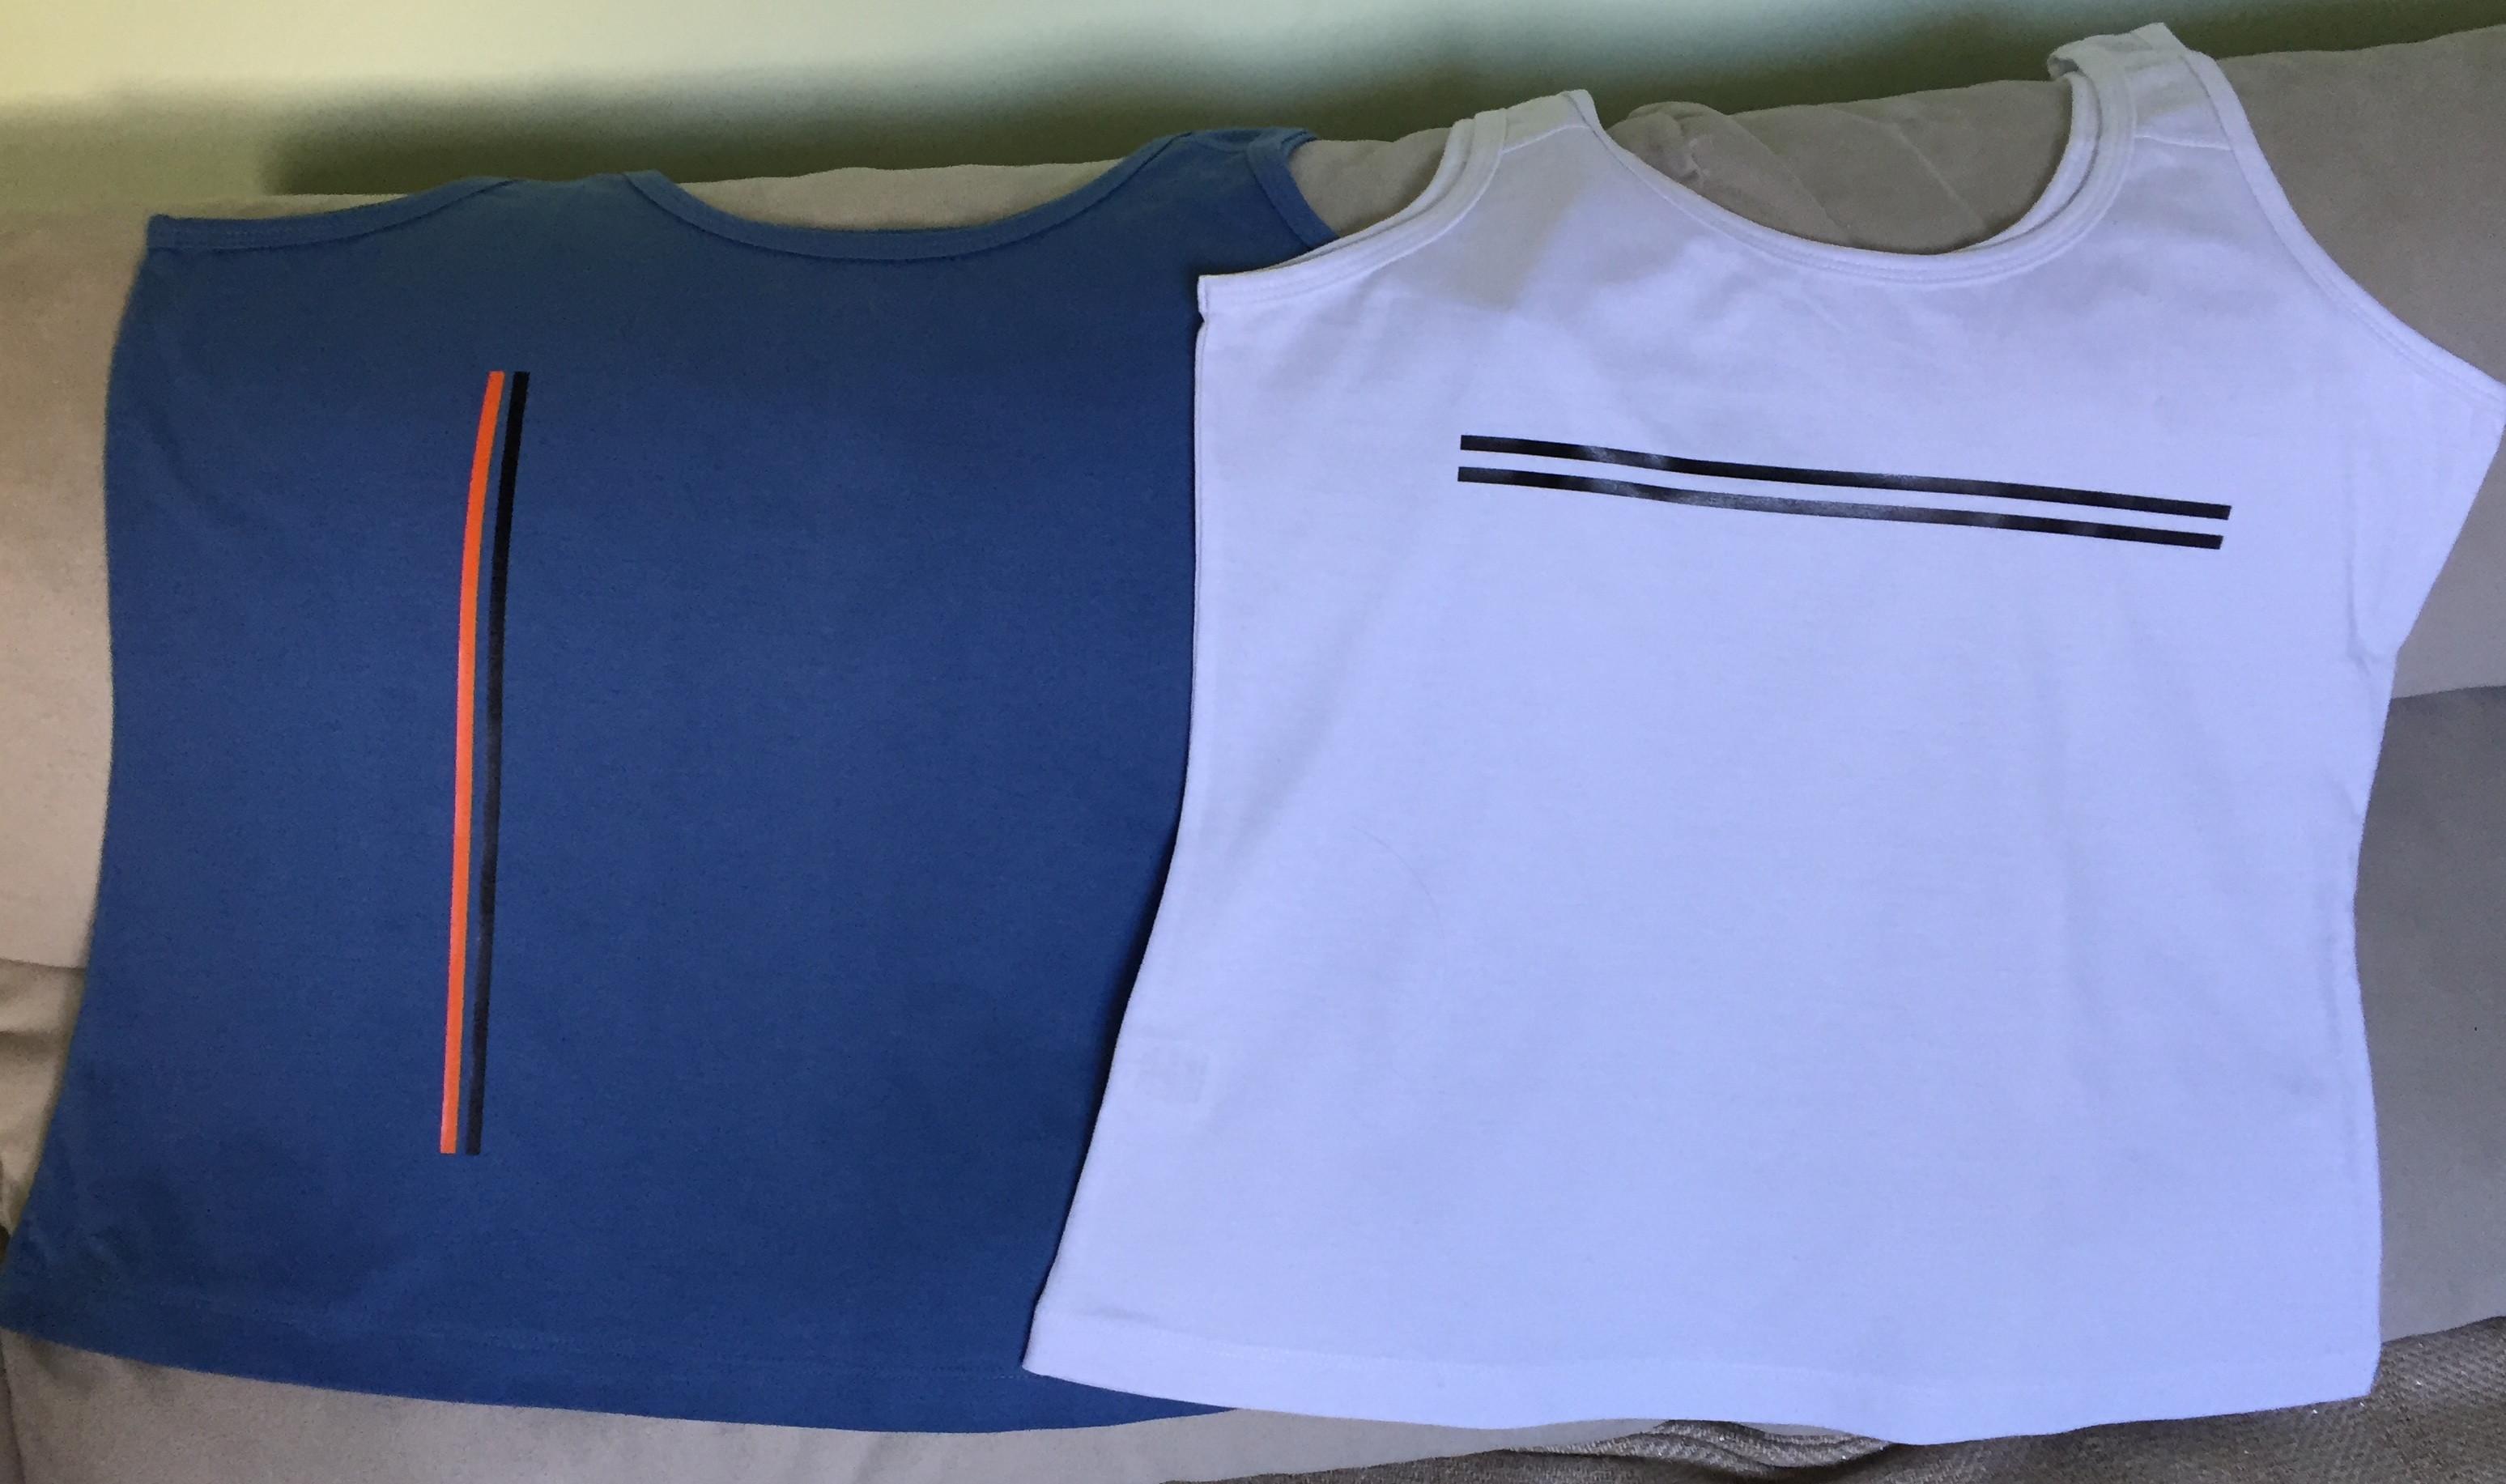 Camisetas Regatas no Elo7  b565be63c99